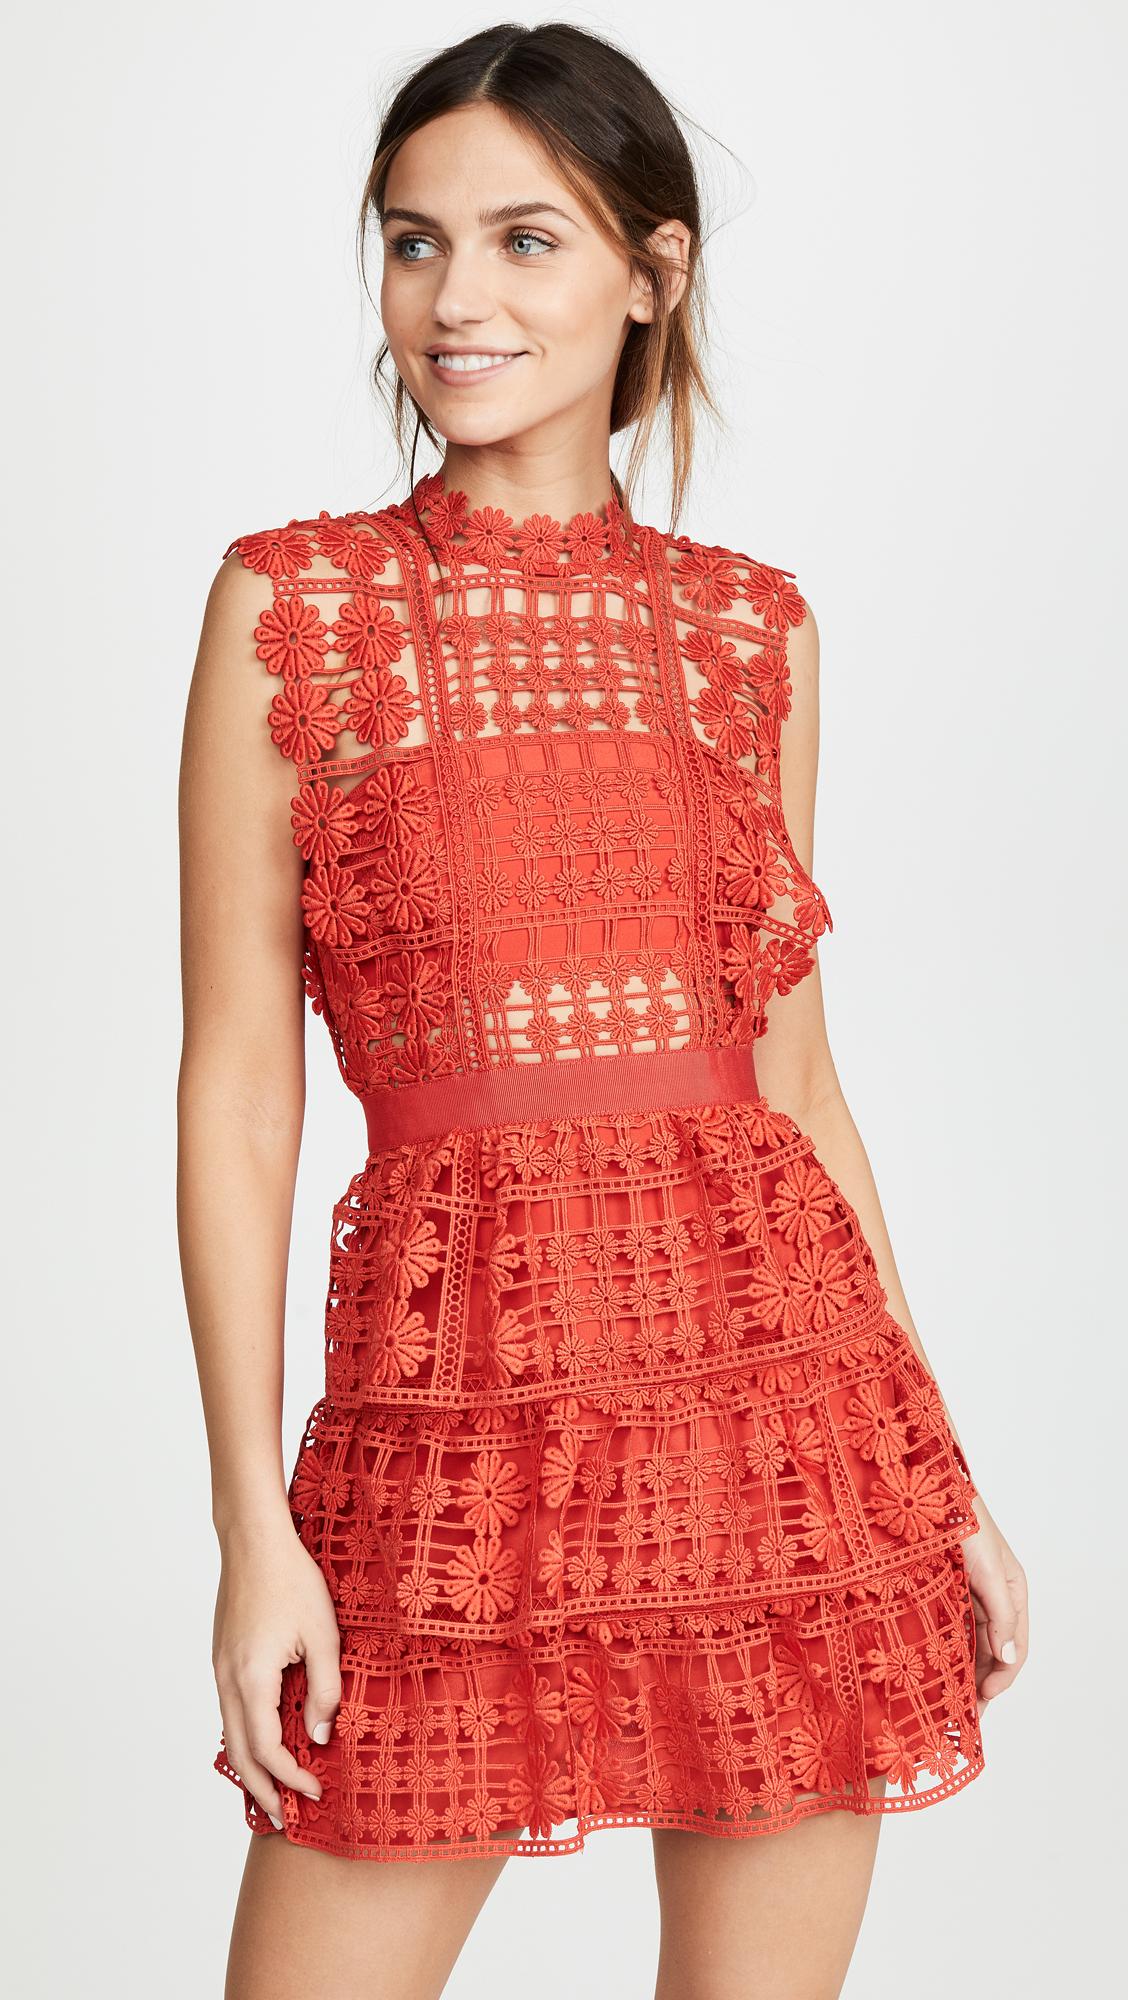 Self Portrait Red Floral Lattice Lace Dress